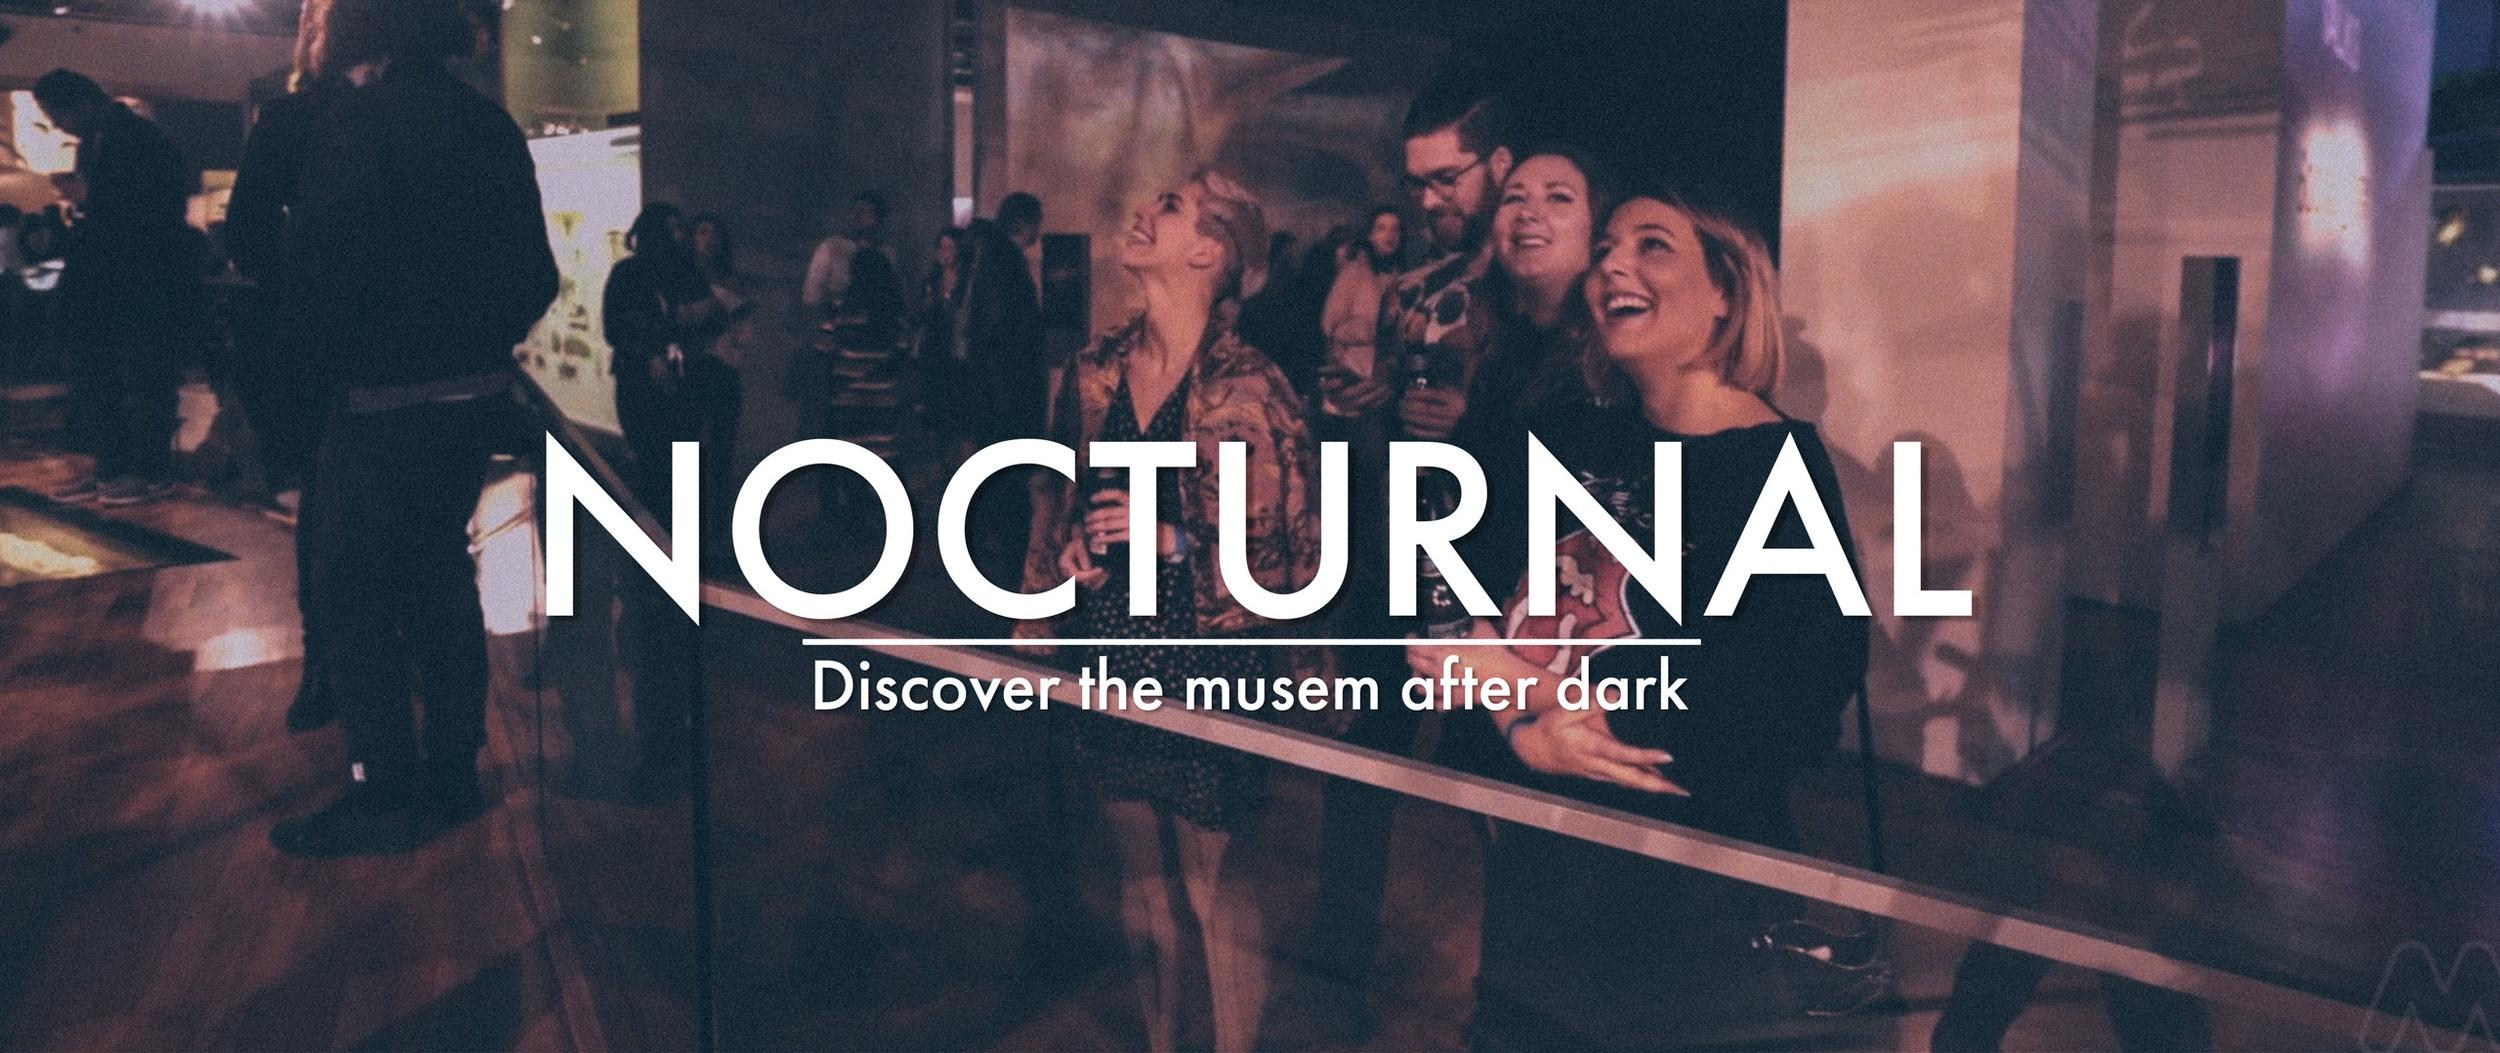 nocturnal-1.jpg